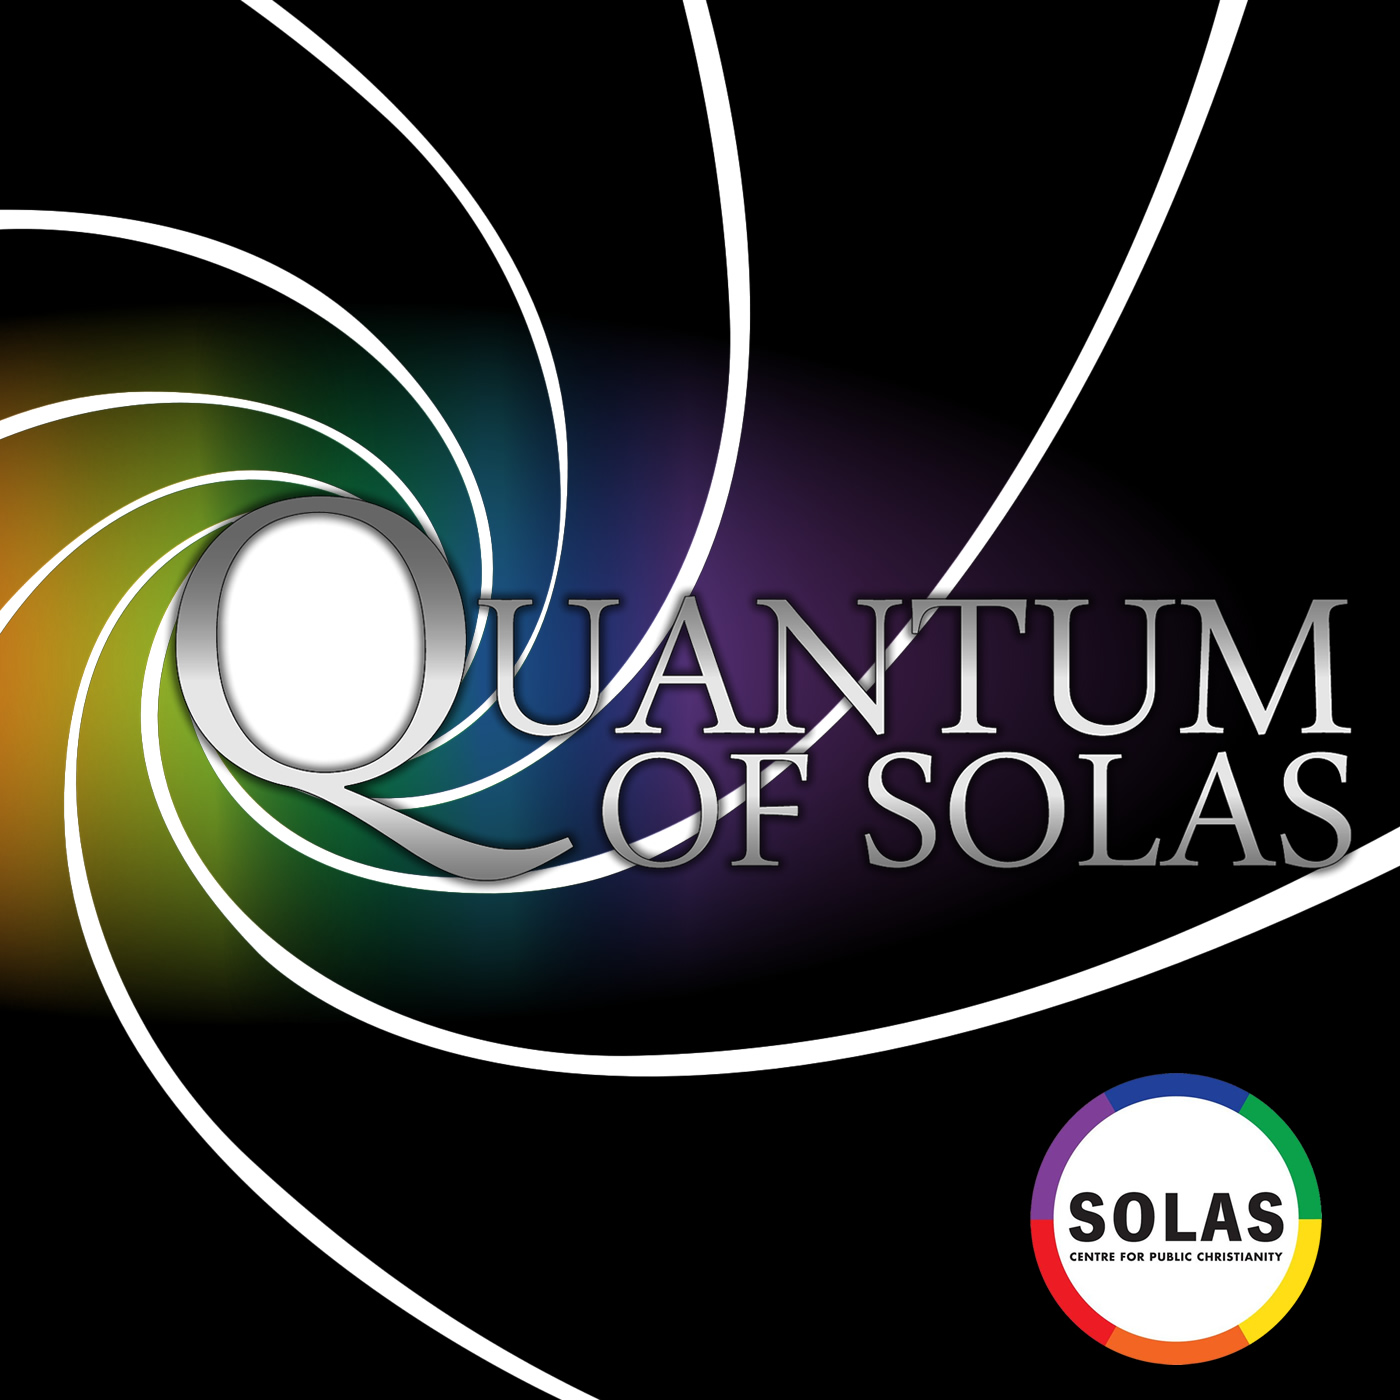 Quantum of Solas